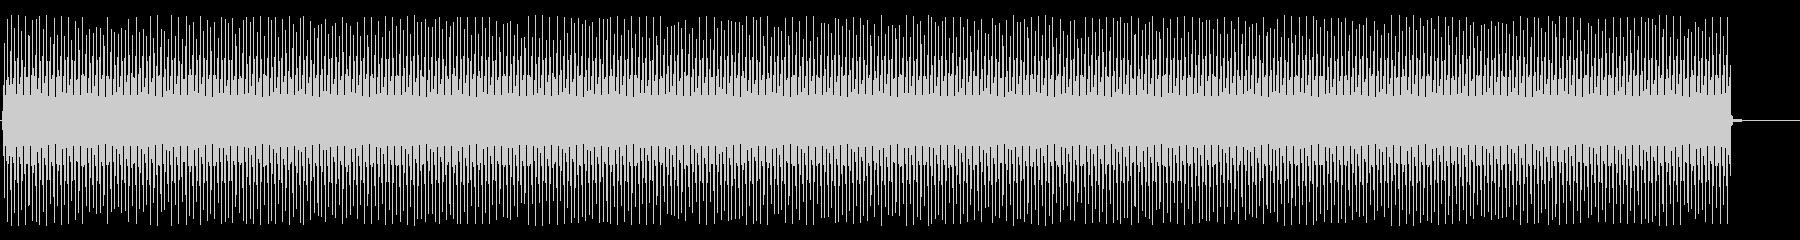 ヘビーグラウンドハム、ショートの未再生の波形